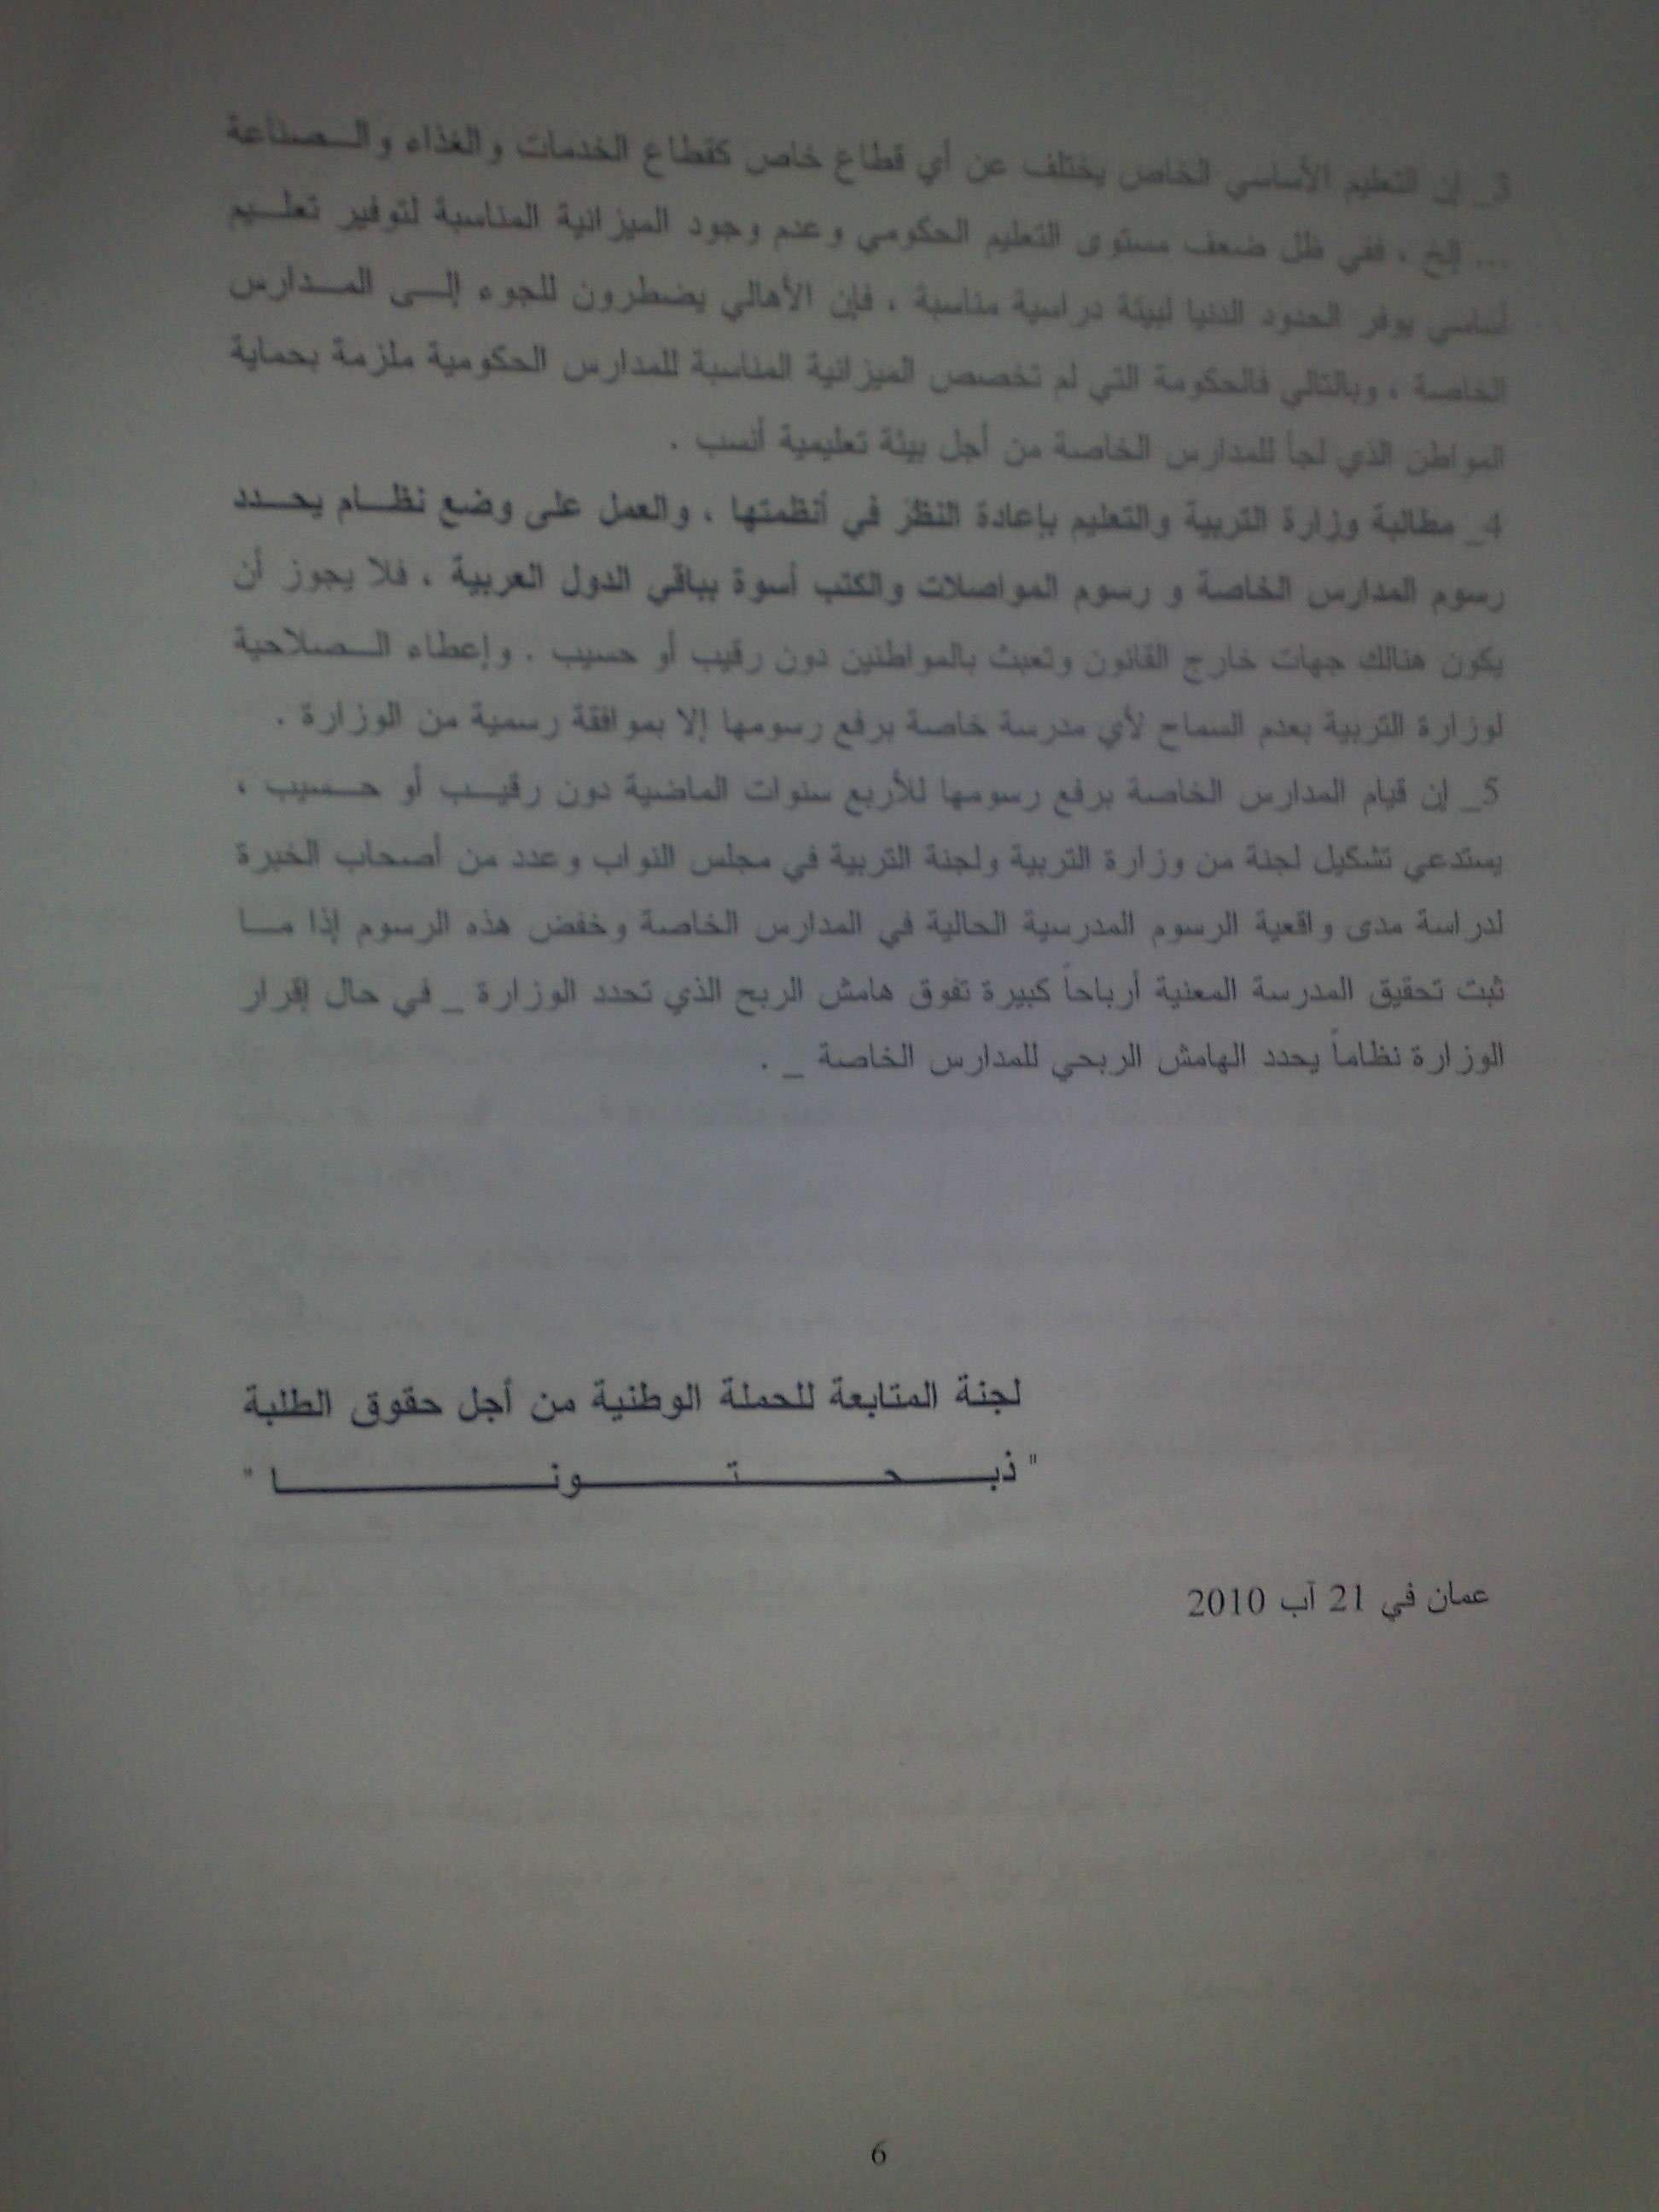 """قرائة الحملة الوطنية من اجل حقوق الطلبة"""" ذبحتونا"""" حول المدارس الخاصة Thab7t15"""